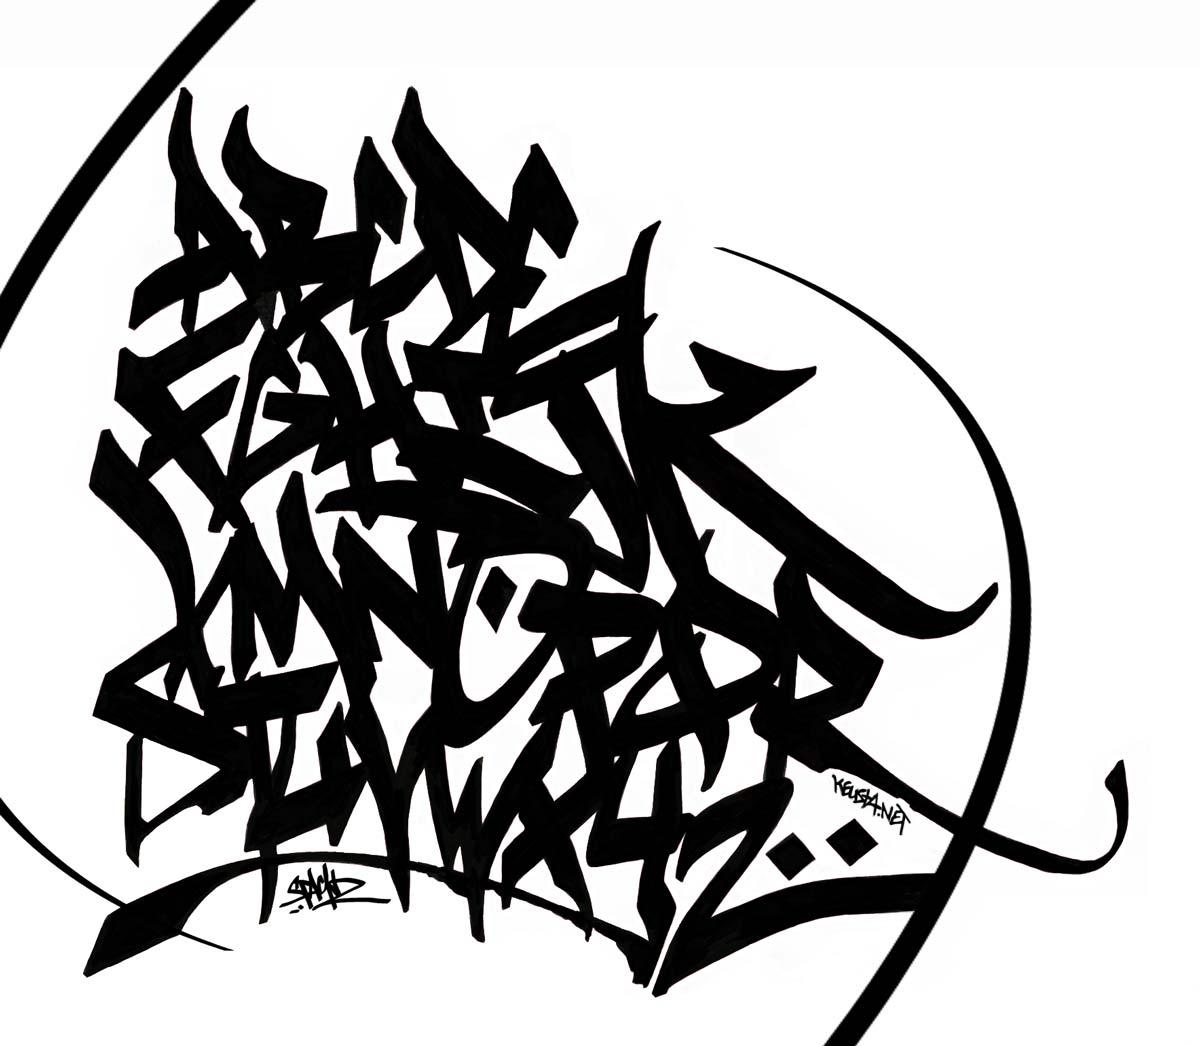 como hacer un tag(graffiti)